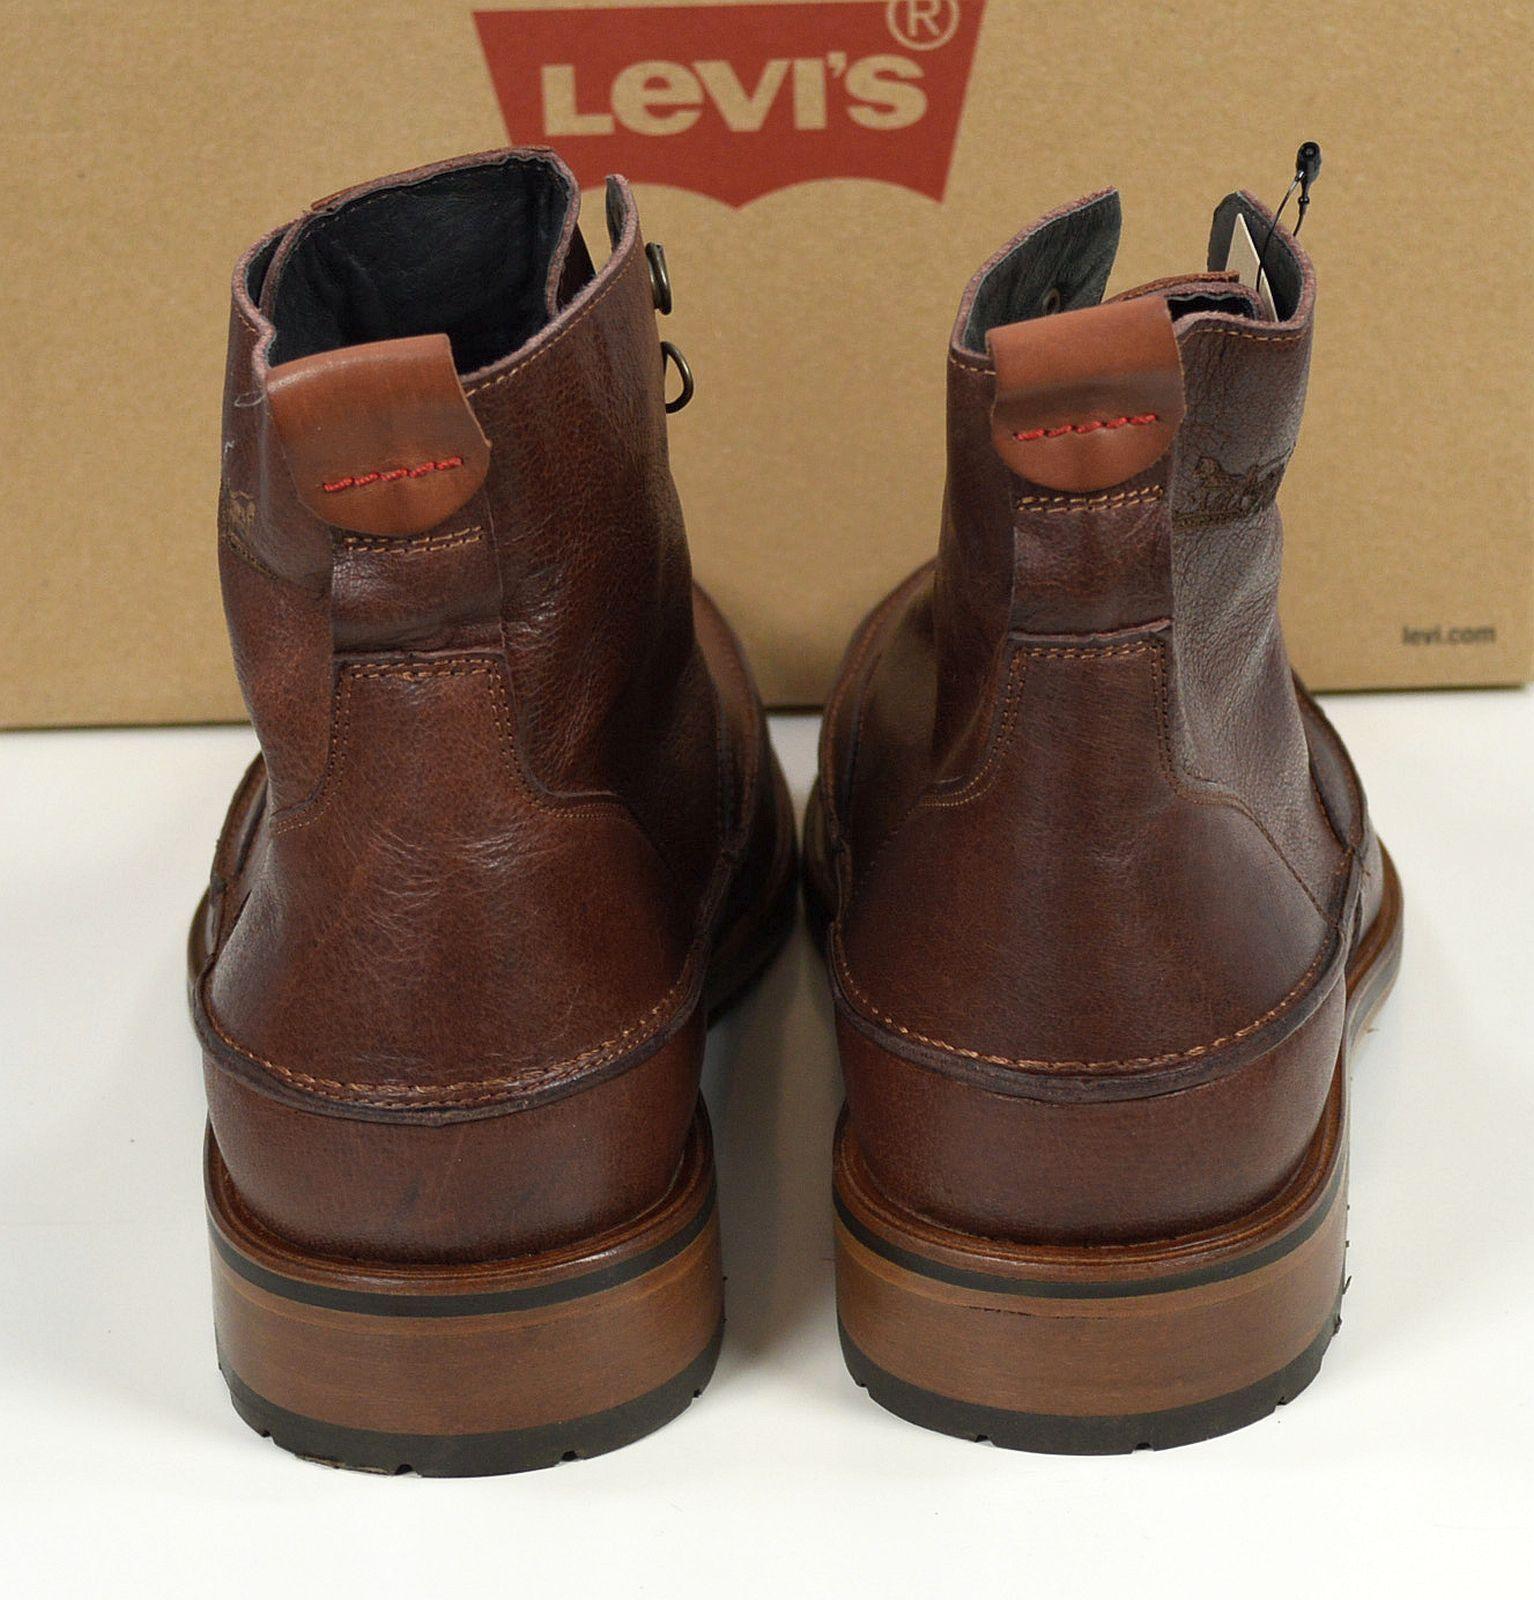 Braun Herren Levis Schuhe Sale Leder EHWD9Y2I